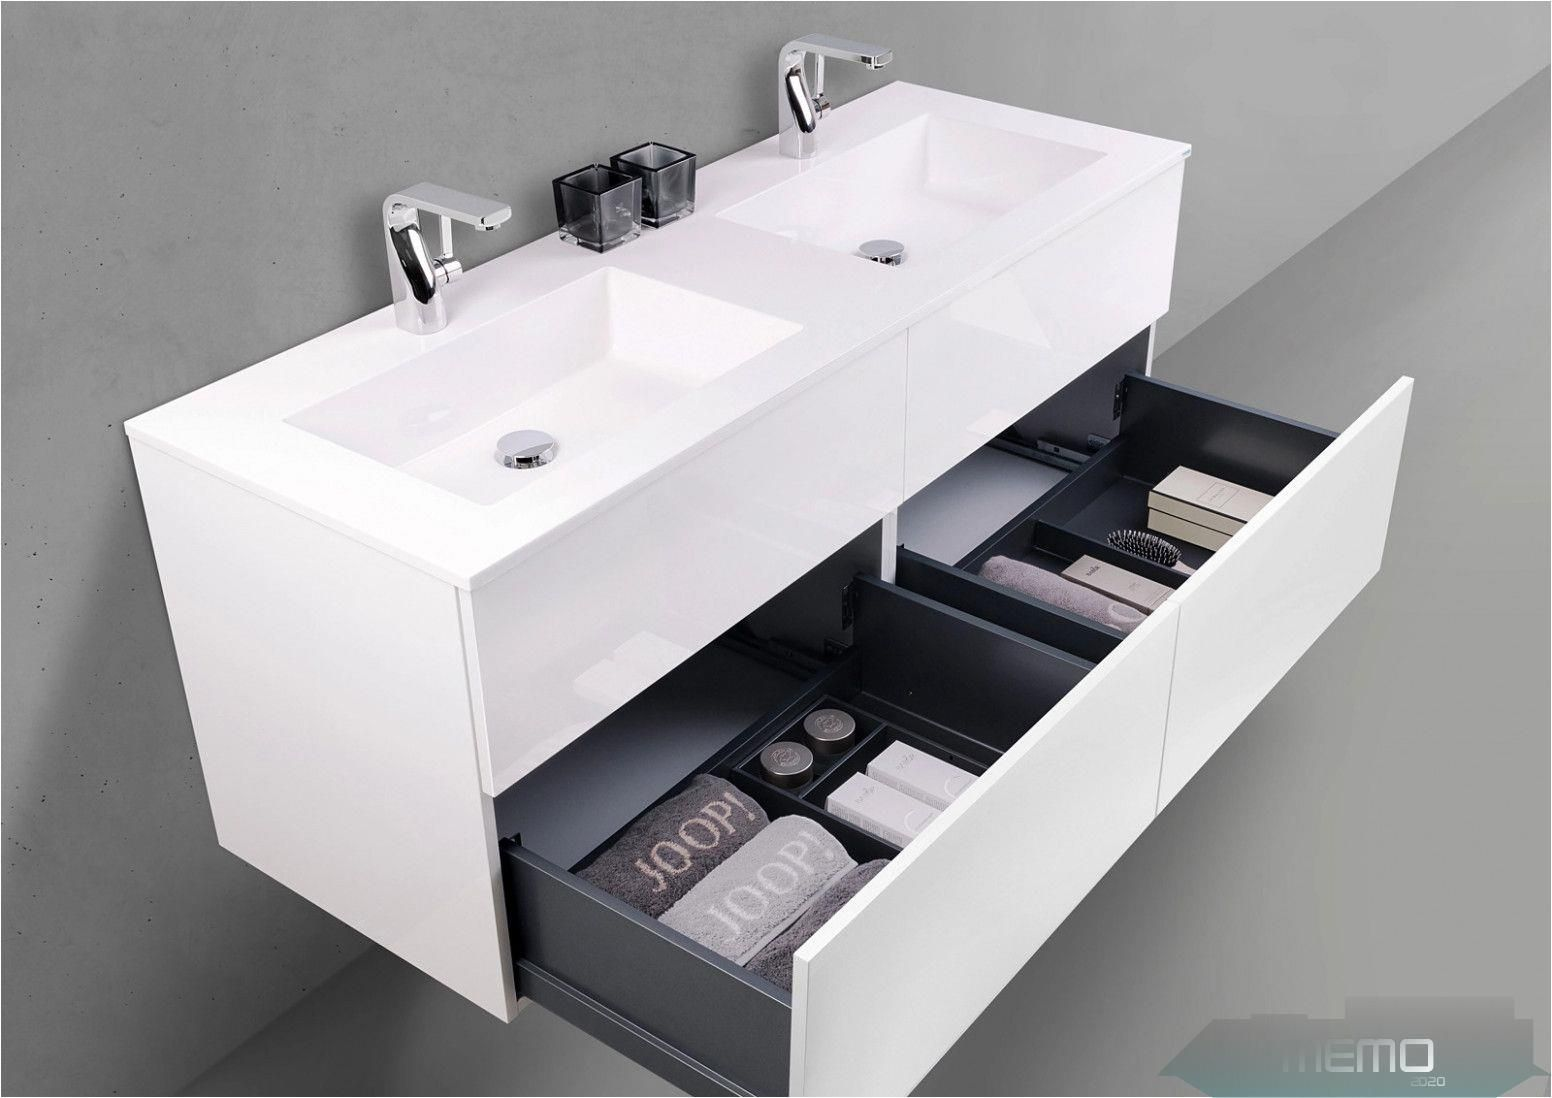 Apr 7 2020 13 Arbeits Fliesen Joop 13 Arbeits Fliesen Joop Badezimmer Fliesen Joop 1 3 2006 Duschen Unterm Regenhimme In 2020 Sink Bathroom Vanity Single Vanity